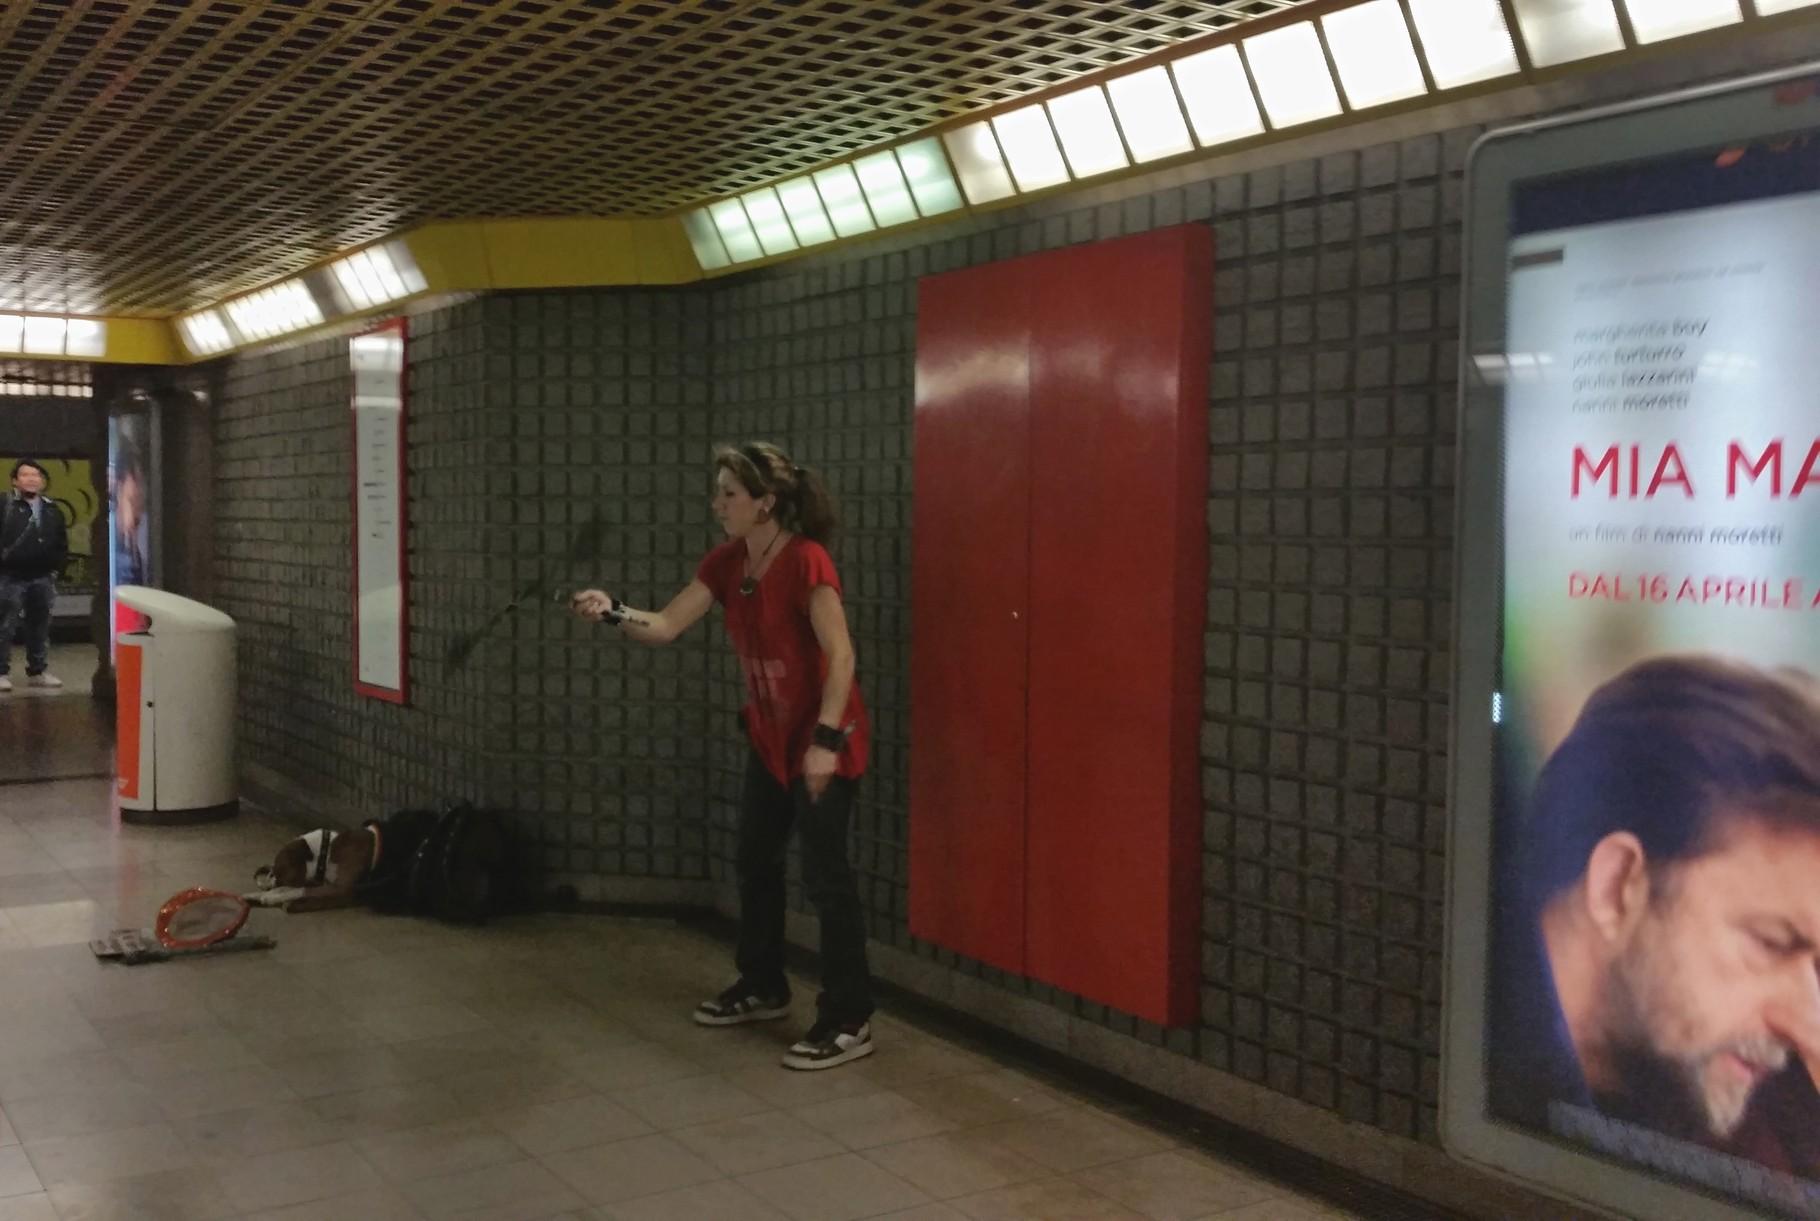 Giocoliera mezzanini metro 1 Duomo 2016